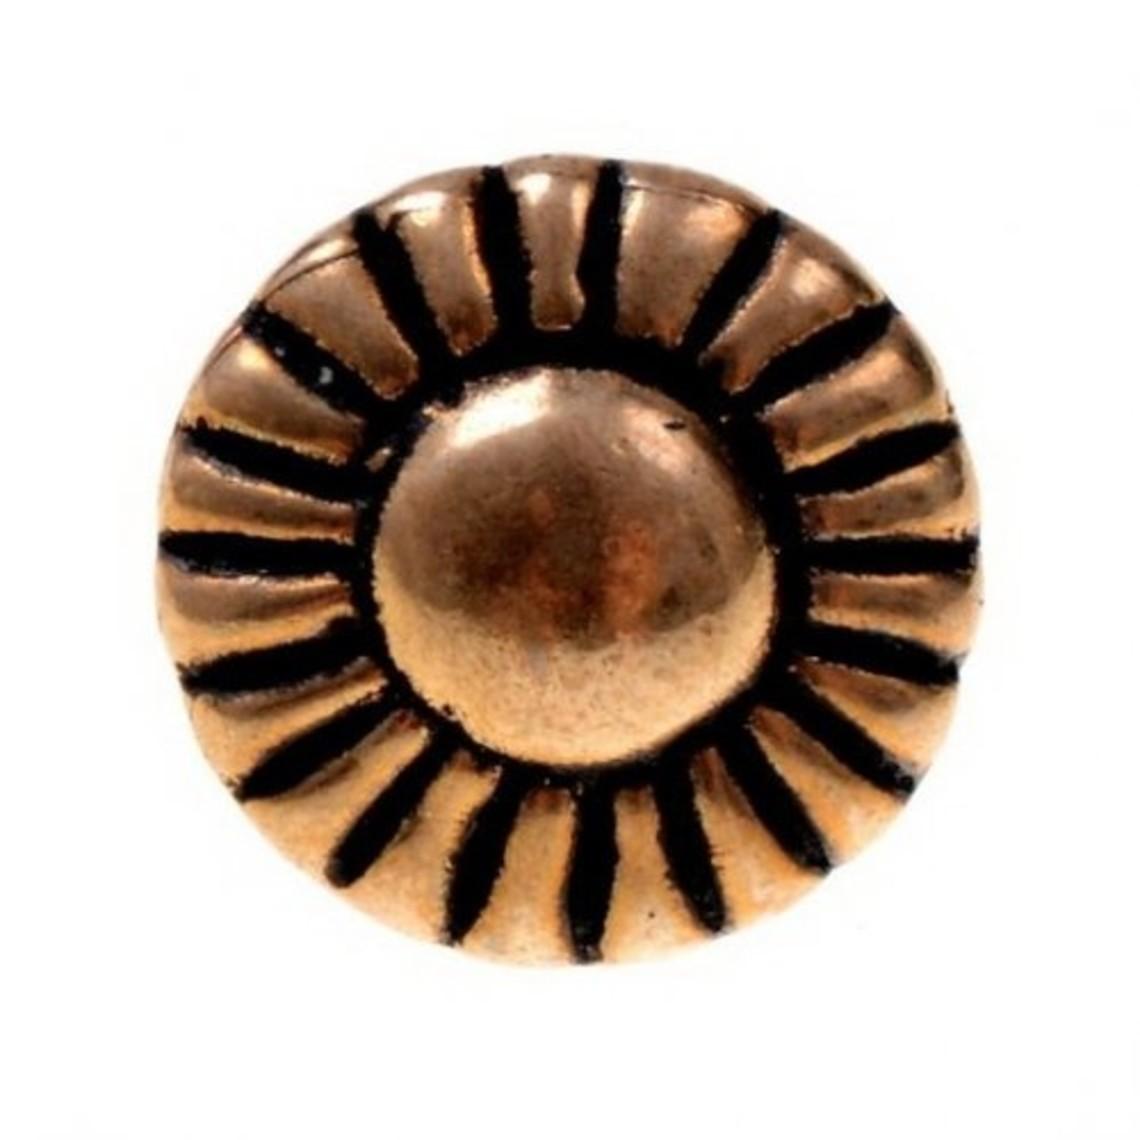 Bronzen knopen 1450-1600, set van vijf stuks